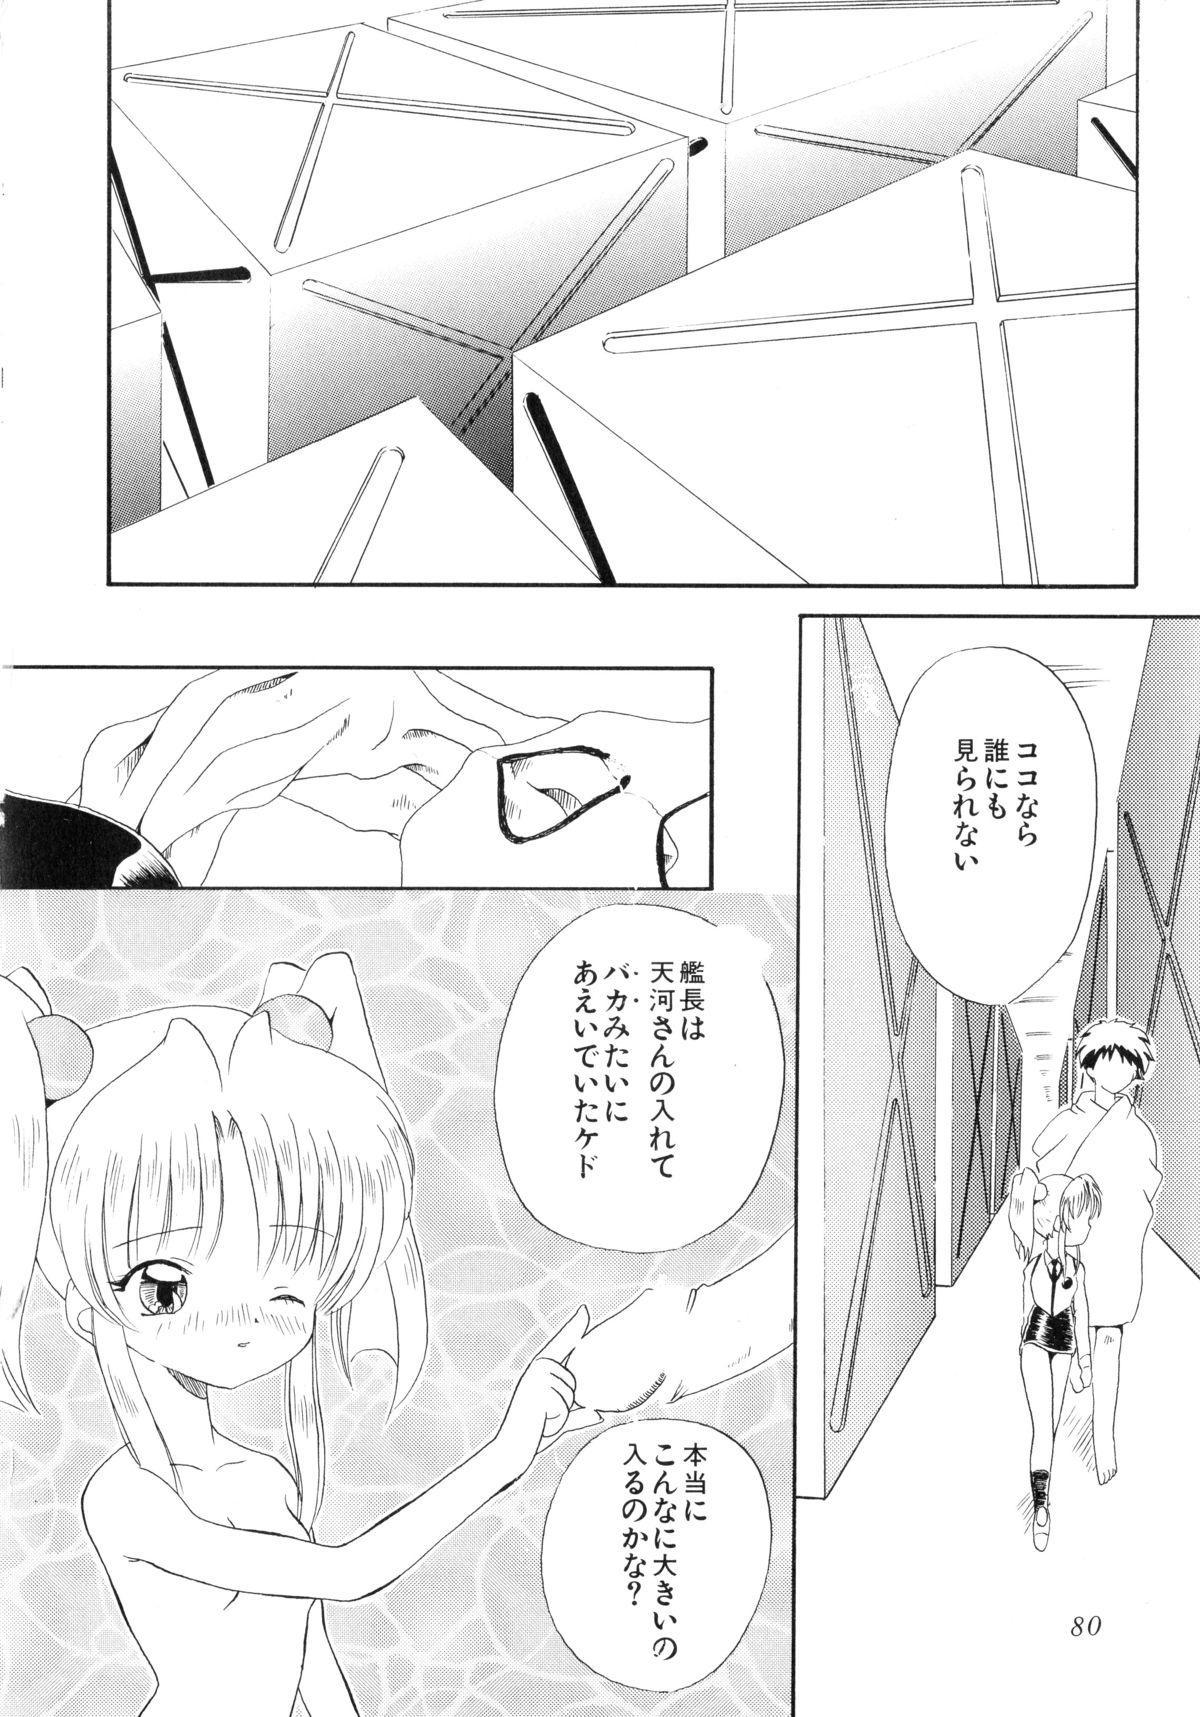 Seijo no Utage 81